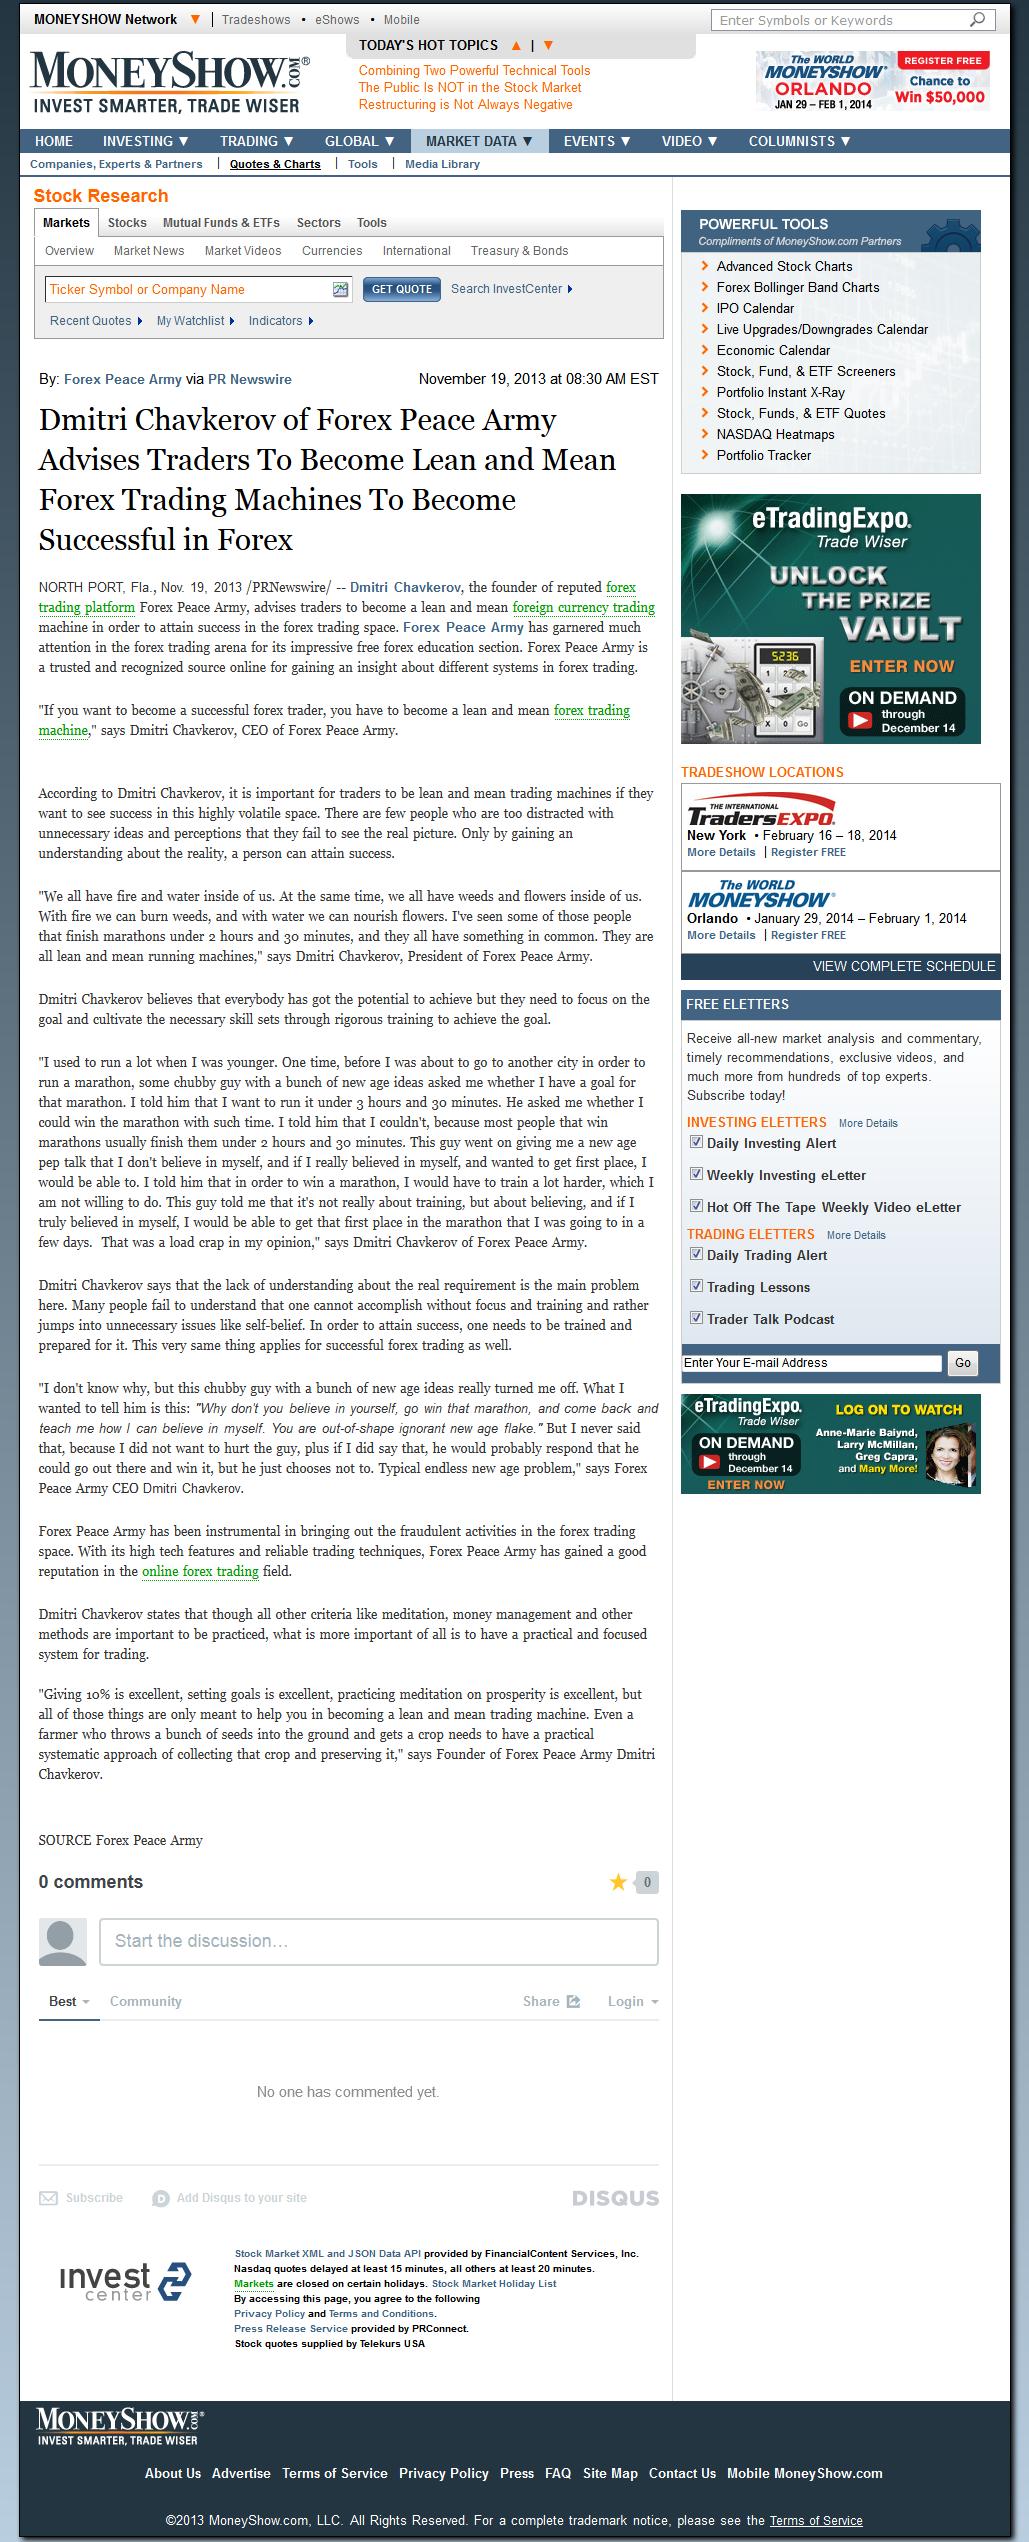 Dmitri Chavkerov - Advise for Traders through Money Show